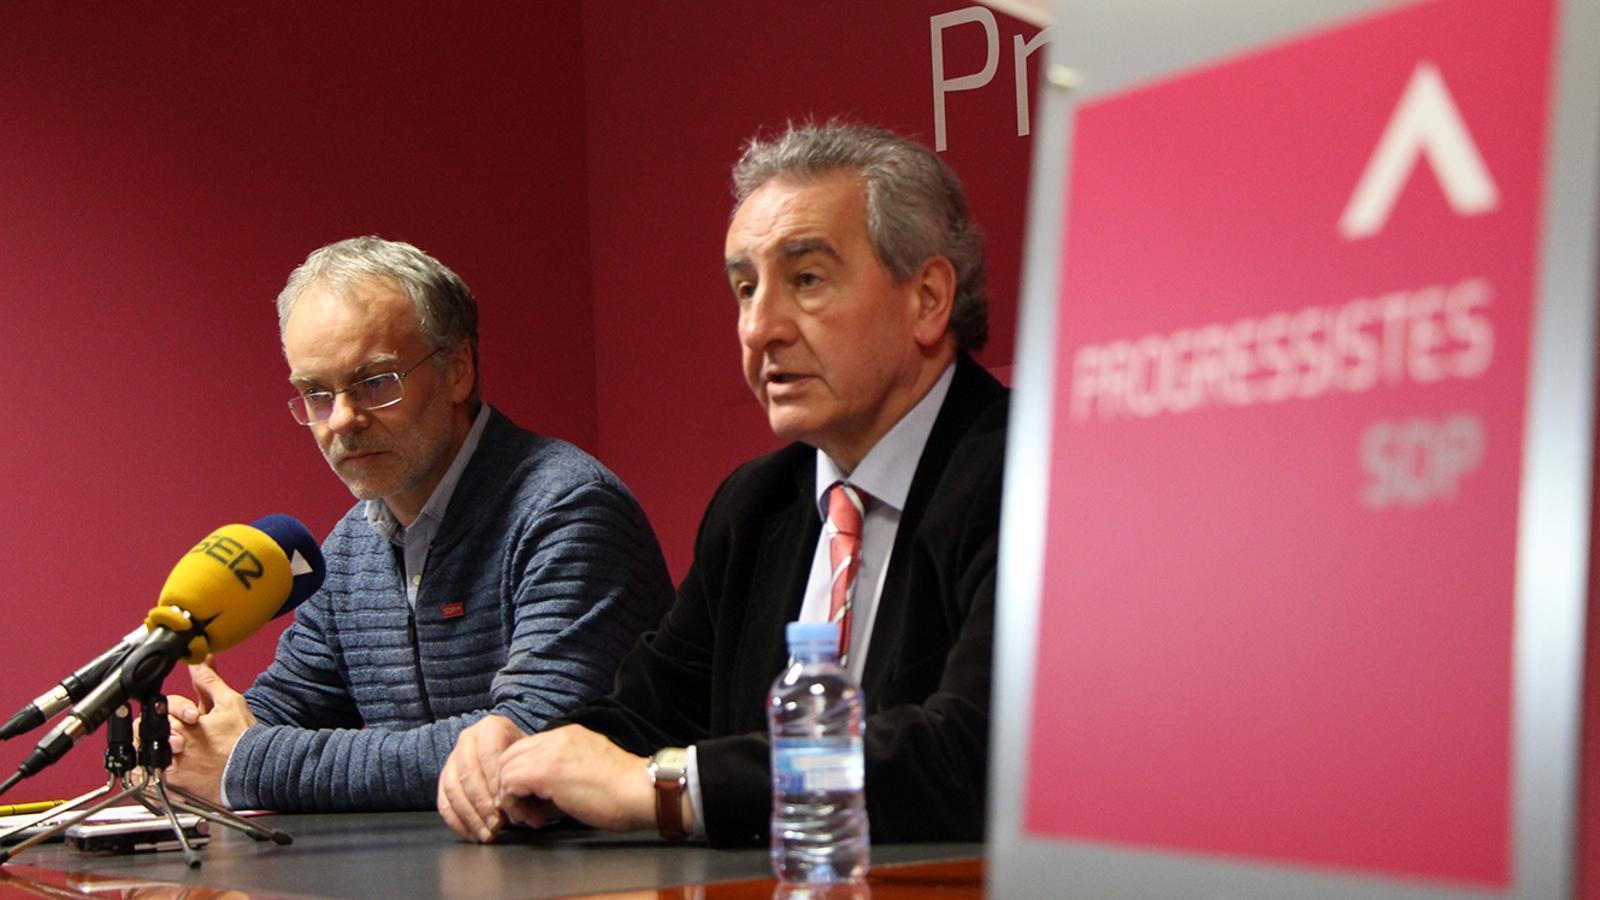 El candidat i el president de Progressistes-SDP, Josep Roig i Jaume Bartumeu, durant la roda de premsa. / M. M.